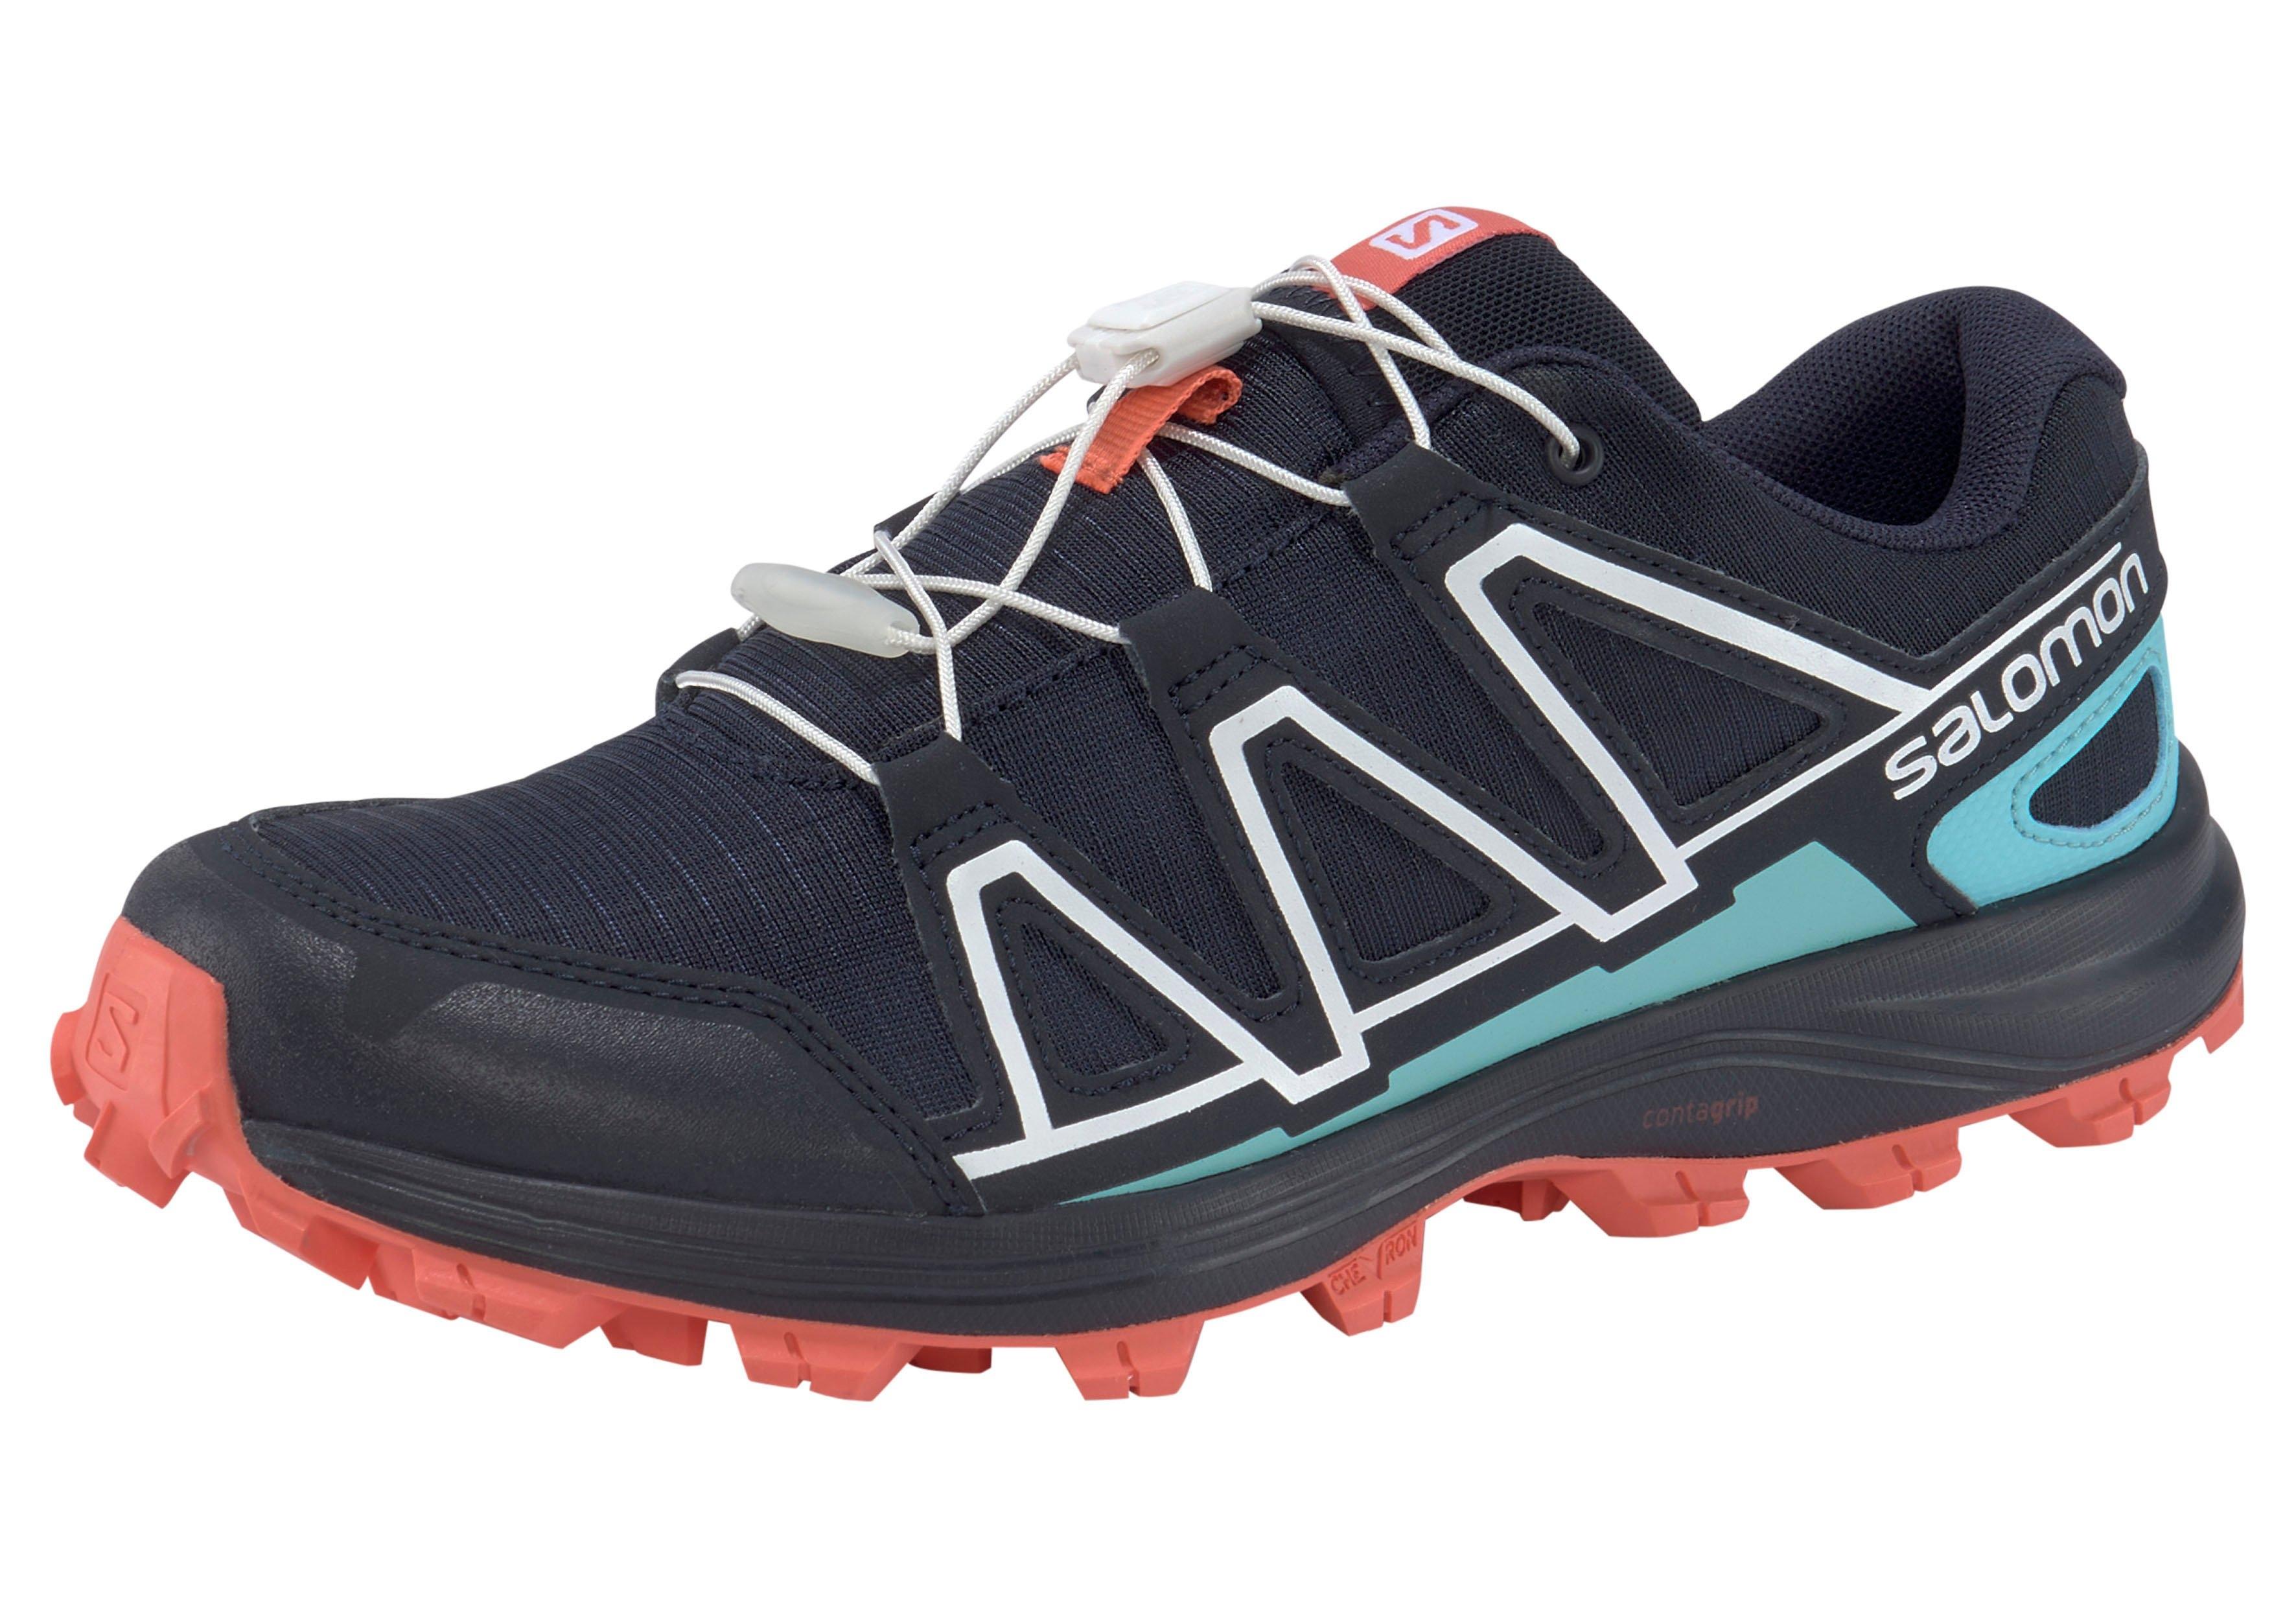 Salomon runningschoenen »ALKALIN Trail W« bestellen: 30 dagen bedenktijd